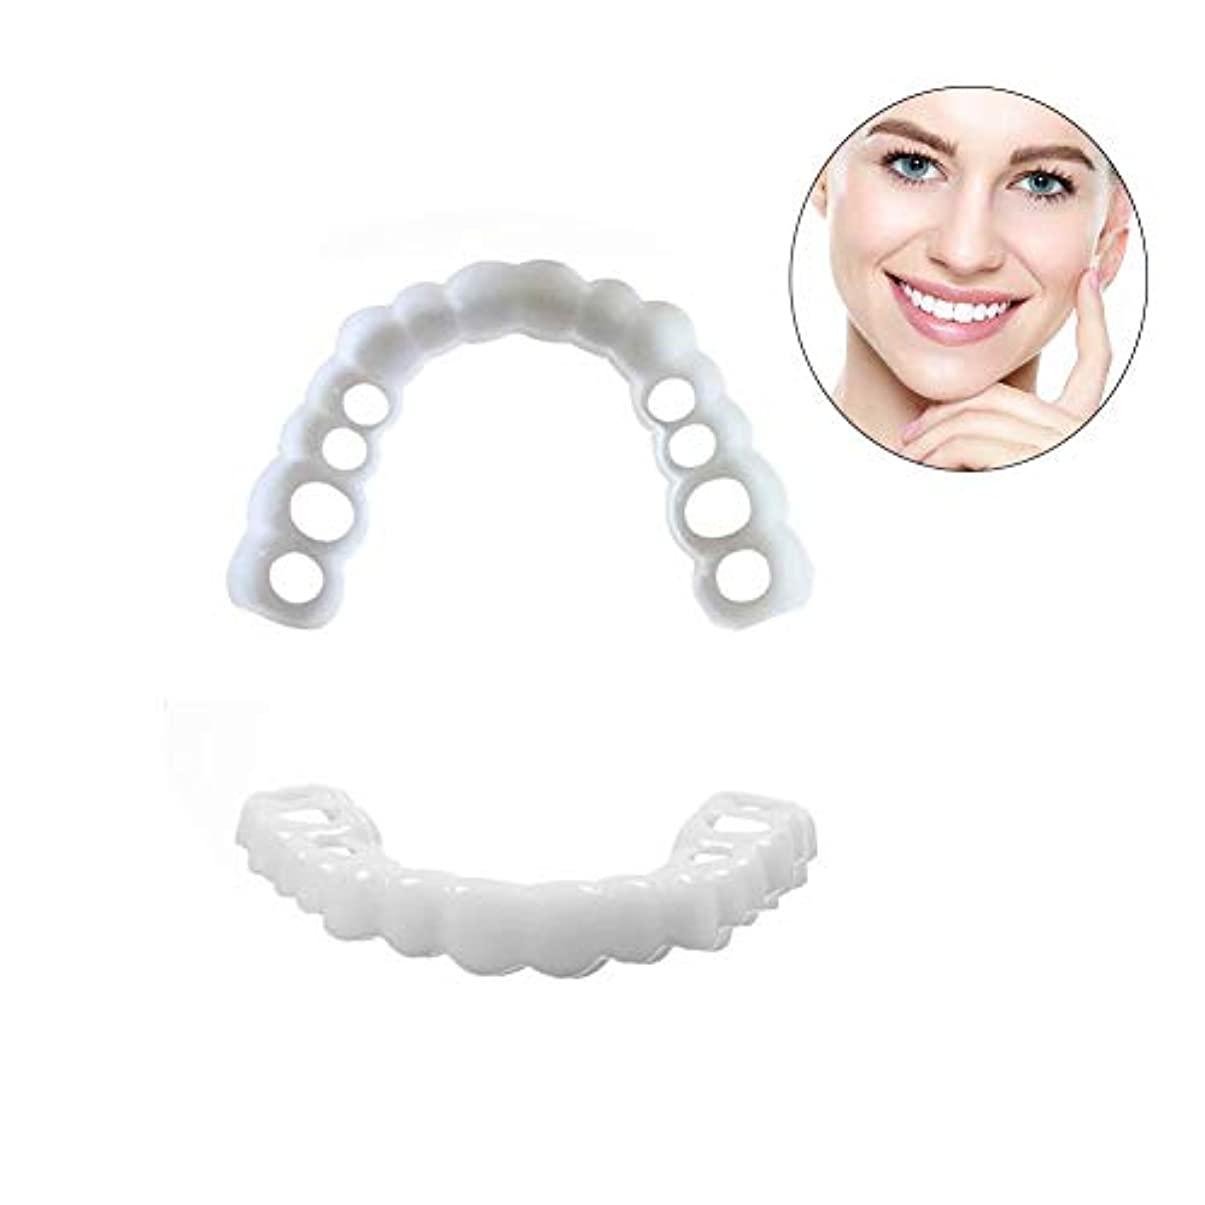 ミリメートルスーパーまぶしさ歯を白くする3組の一時的な化粧品の歯の義歯の歯の化粧品のブレース